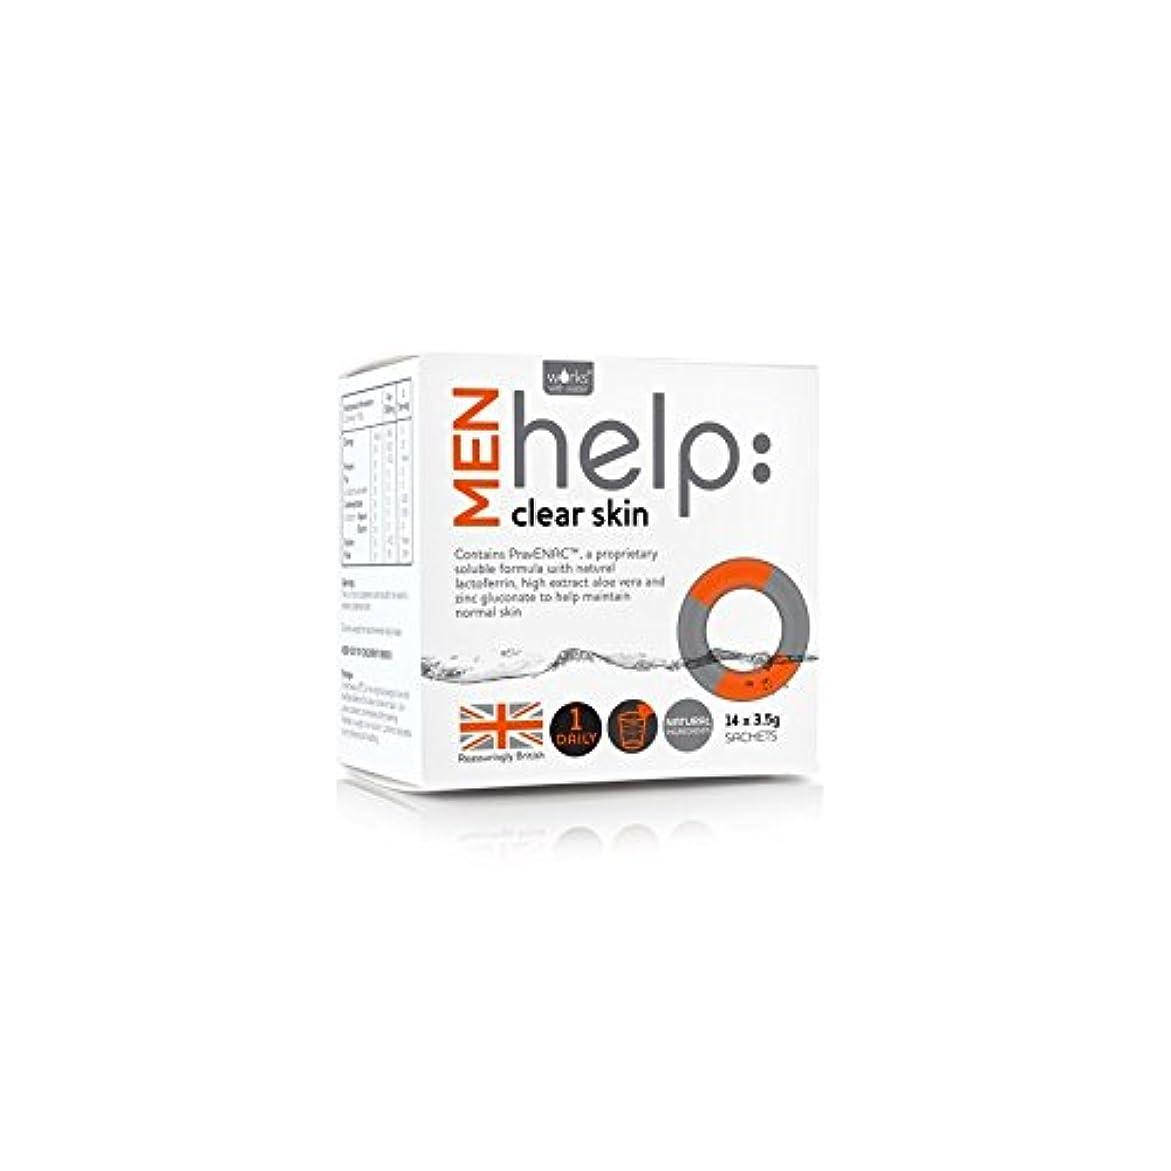 モールス信号抽選船形クリアな肌可溶性サプリメント(14 3.5グラム):水男性の助けを借りて動作します x4 - Works With Water Men's Help: Clear Skin Soluble Supplement (14...